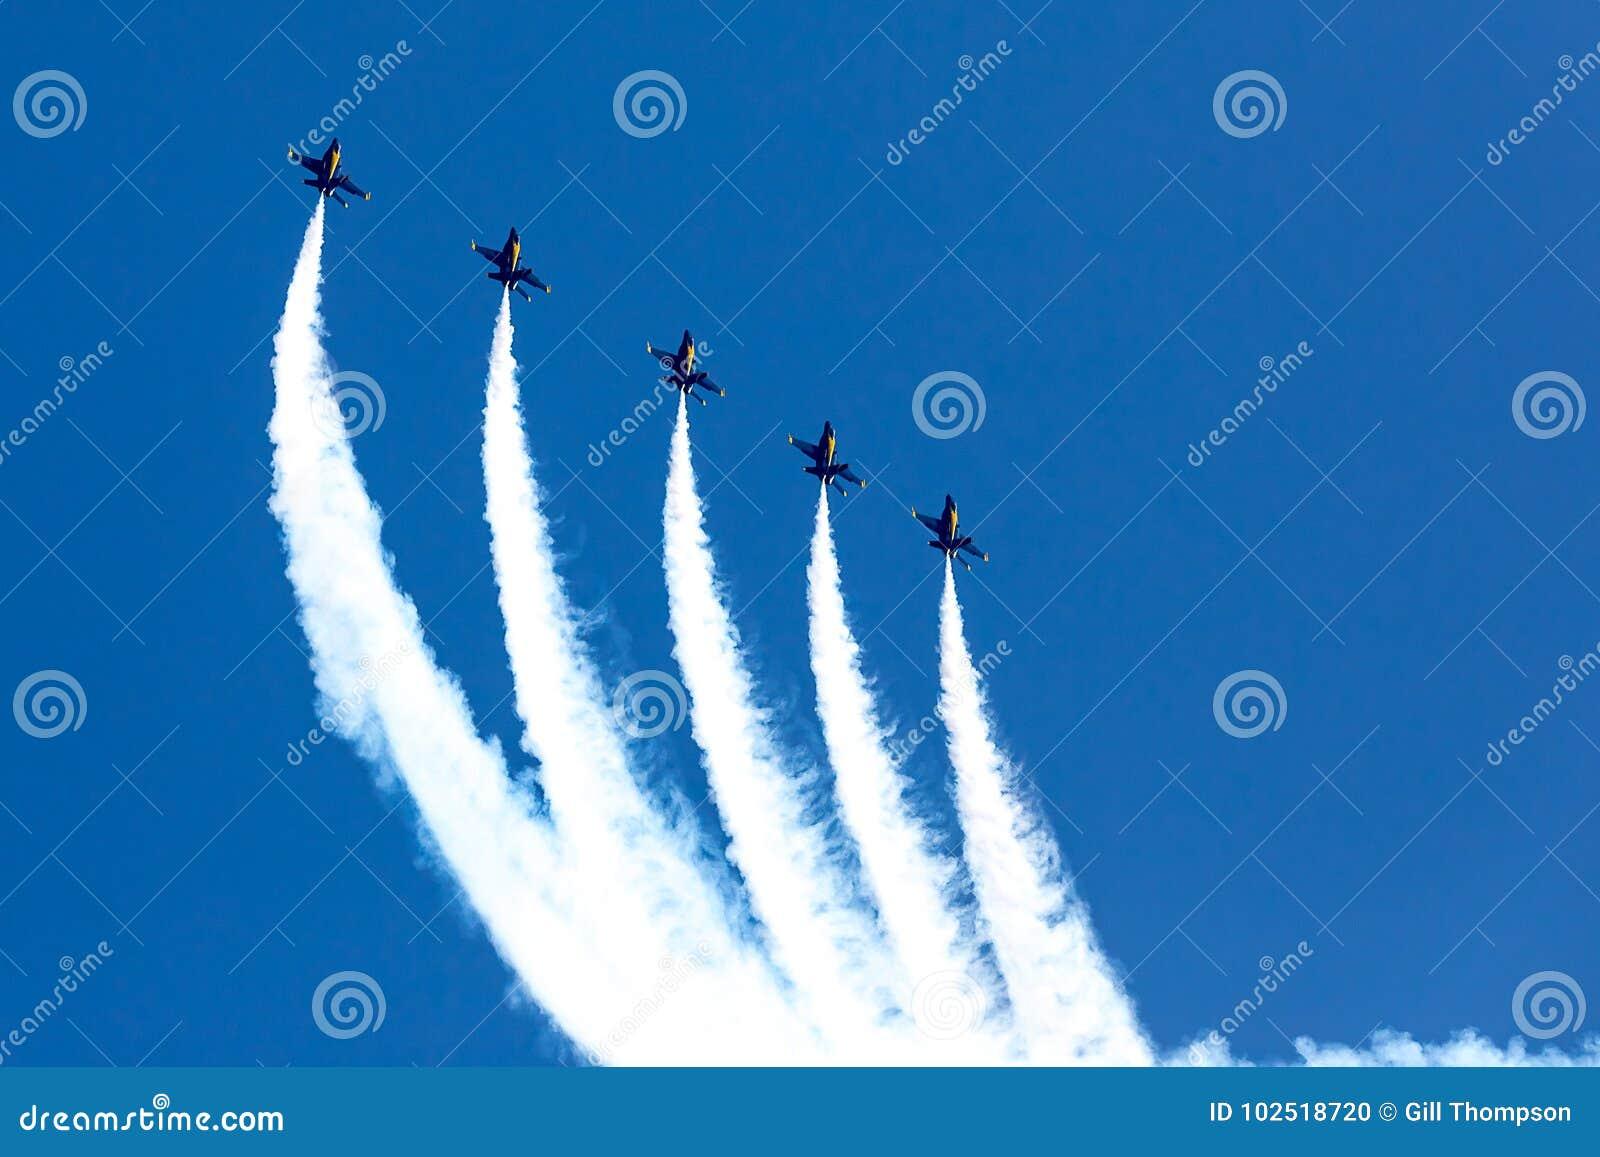 Huntington Beach 2017 Airshow - blaue Engel